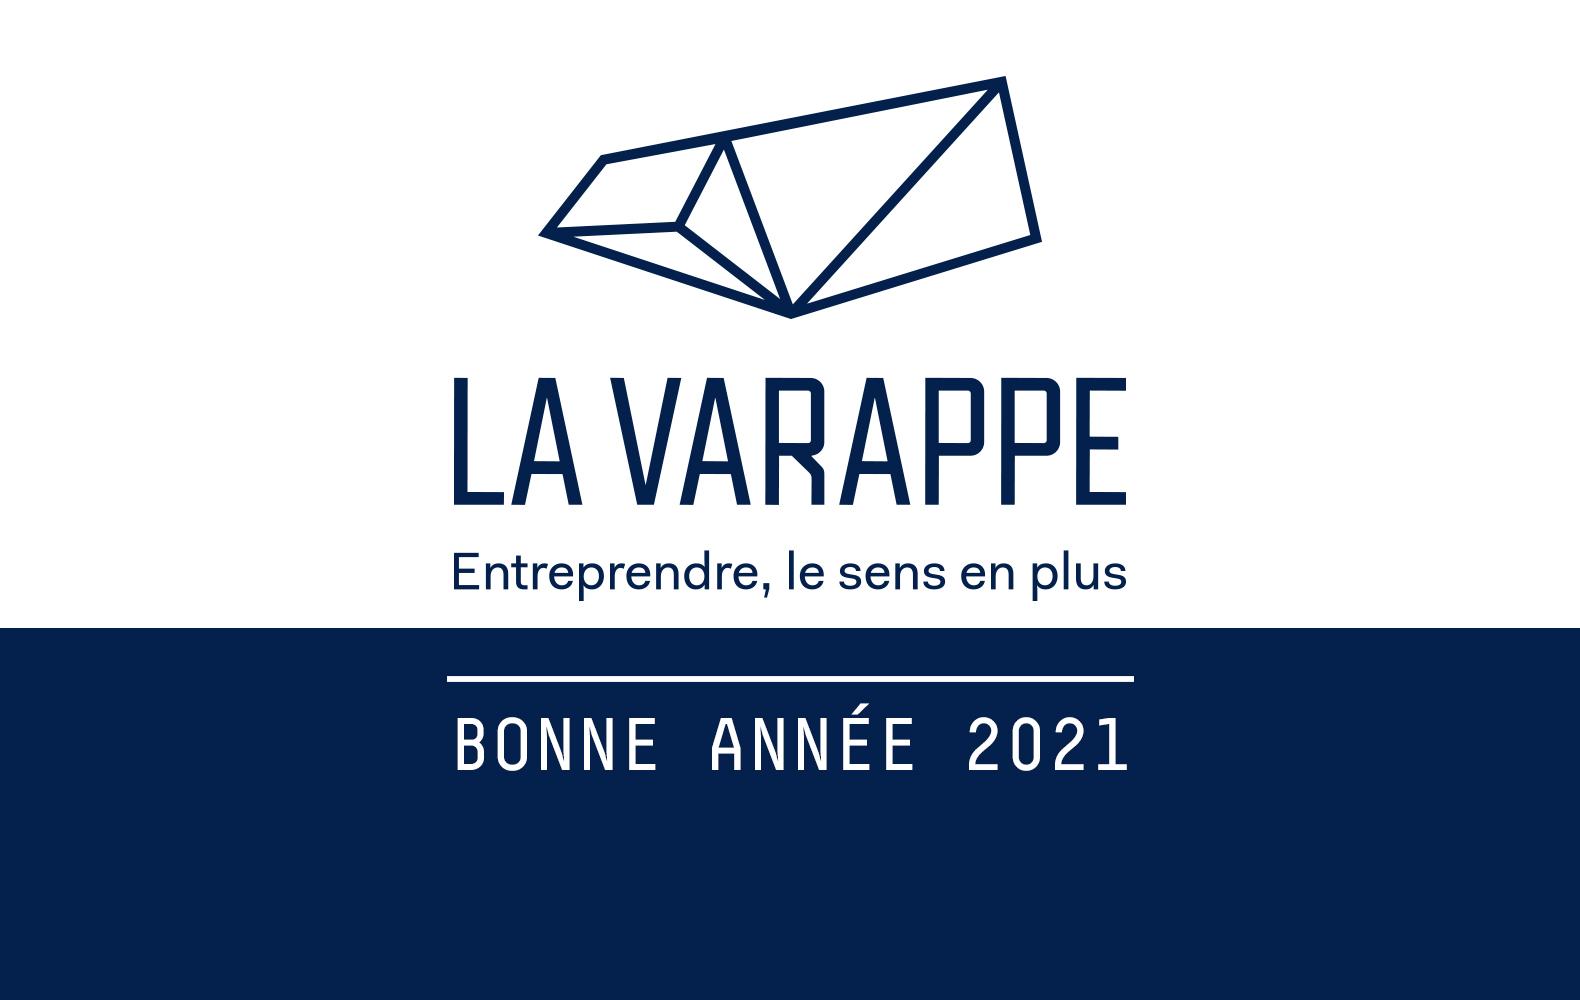 La Varappe vous souhaite une excellente année 2021 !